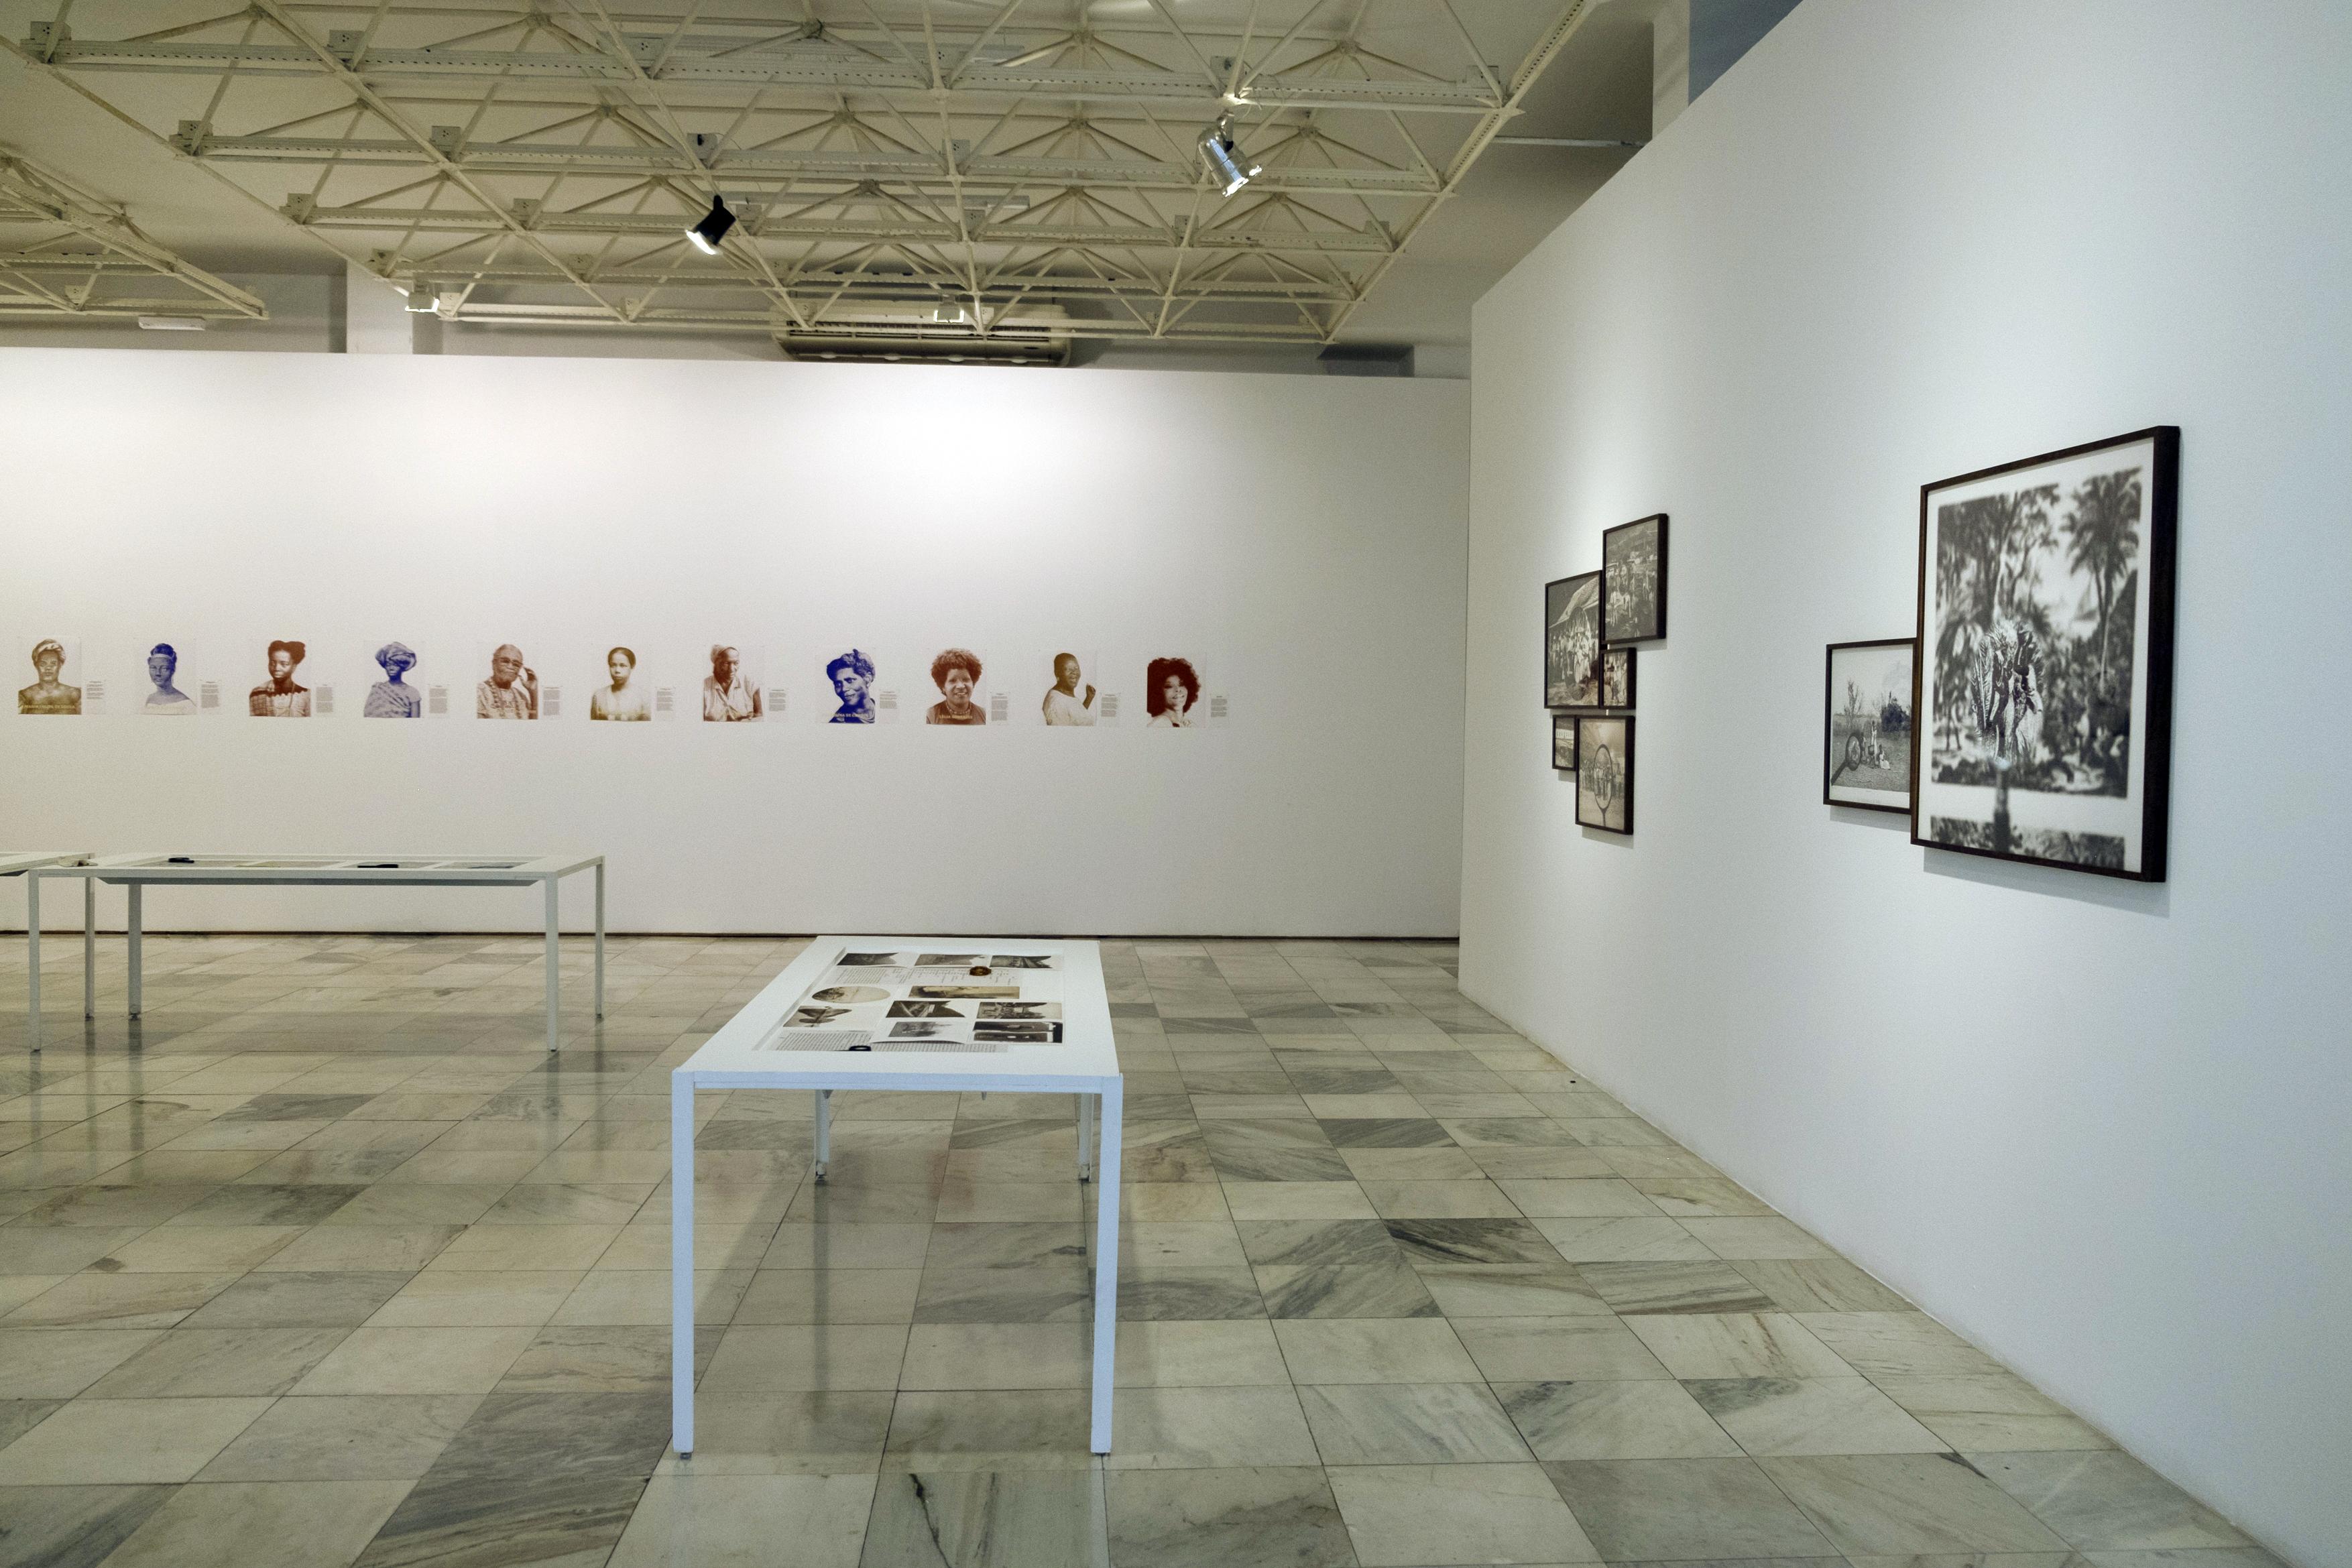 Palácio das Artes  Belo Horizonte 2017